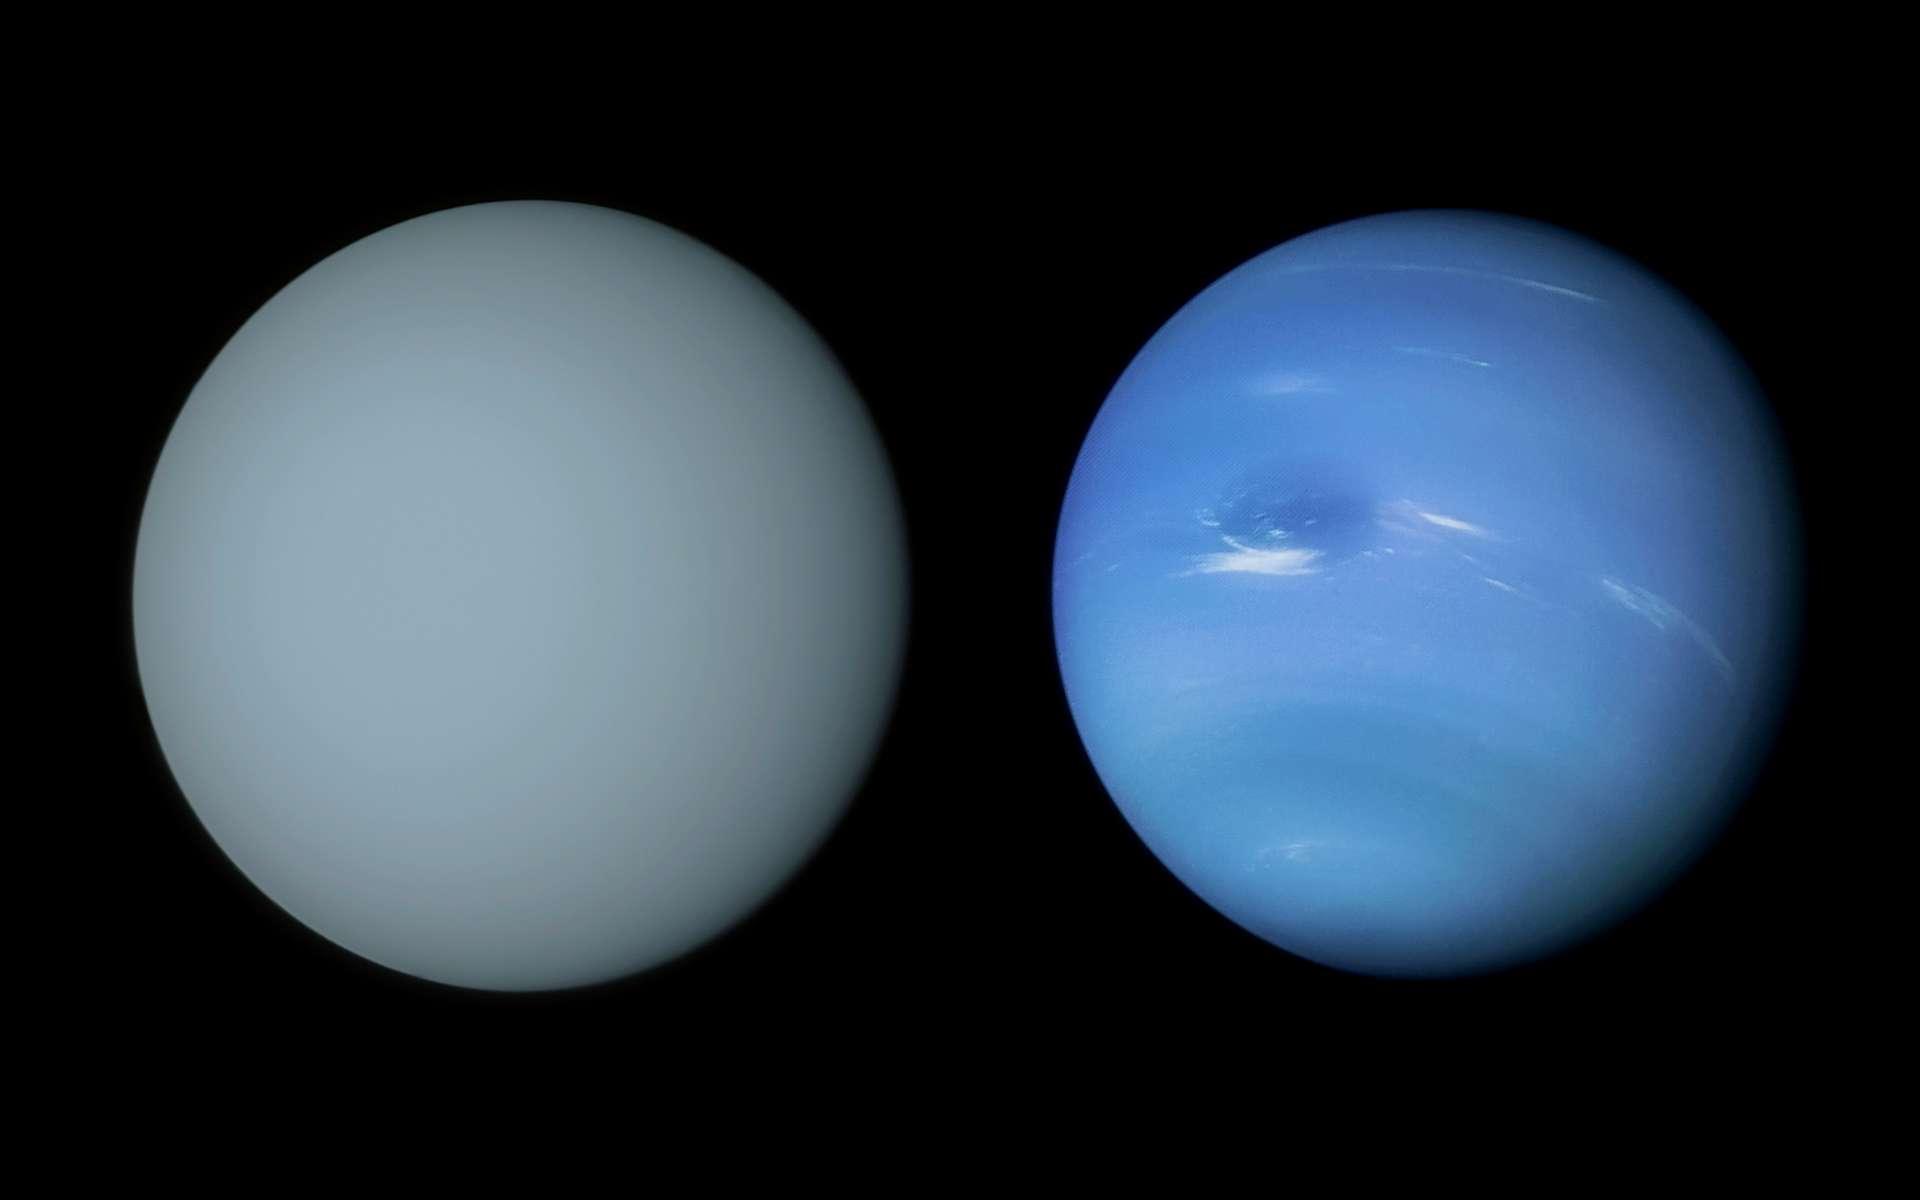 Des ondes gravitationnelles seraient détectables avec des missions à destination de Neptune - Futura